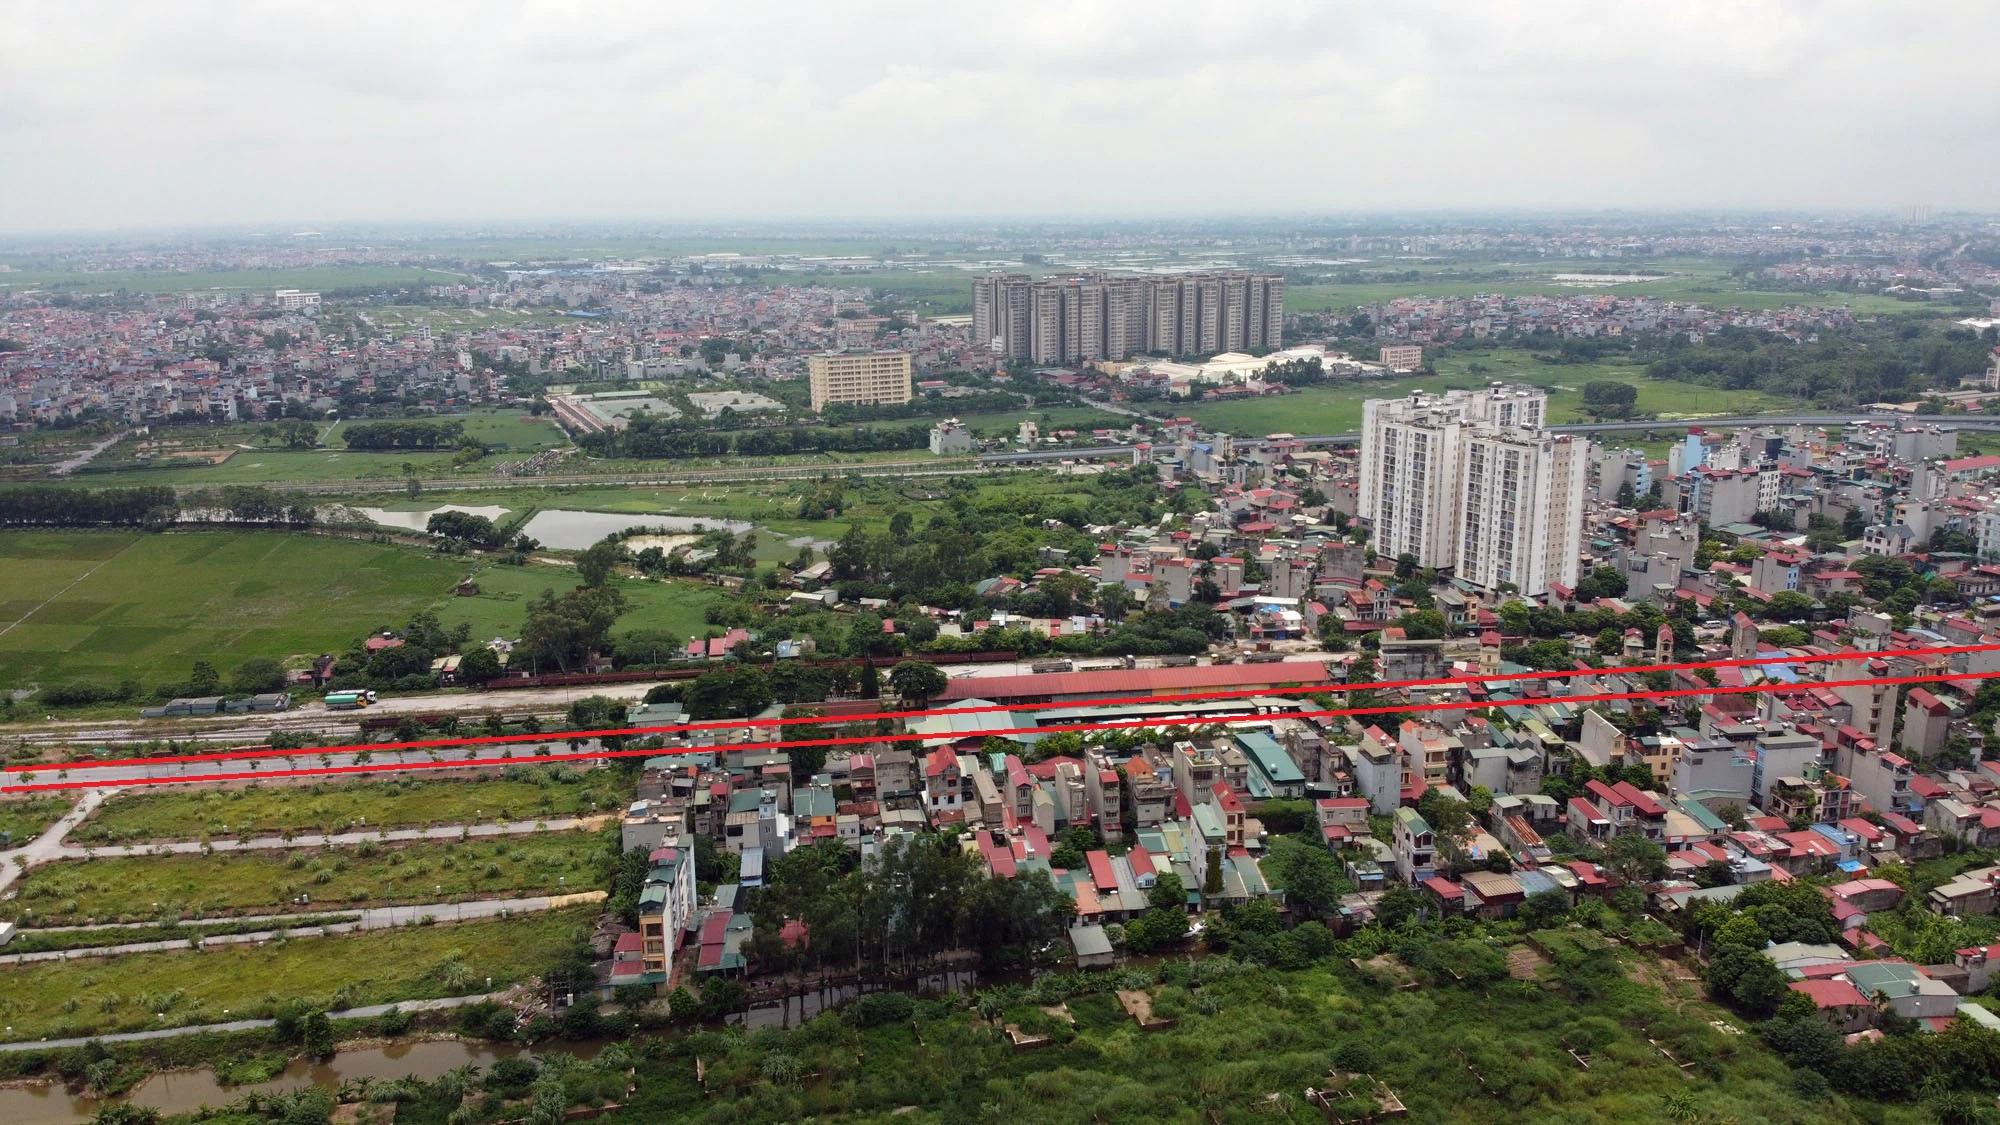 Kế hoạch sử dụng đất phường Phú La, Hà Đông, Hà Nội năm 2021 - Ảnh 1.